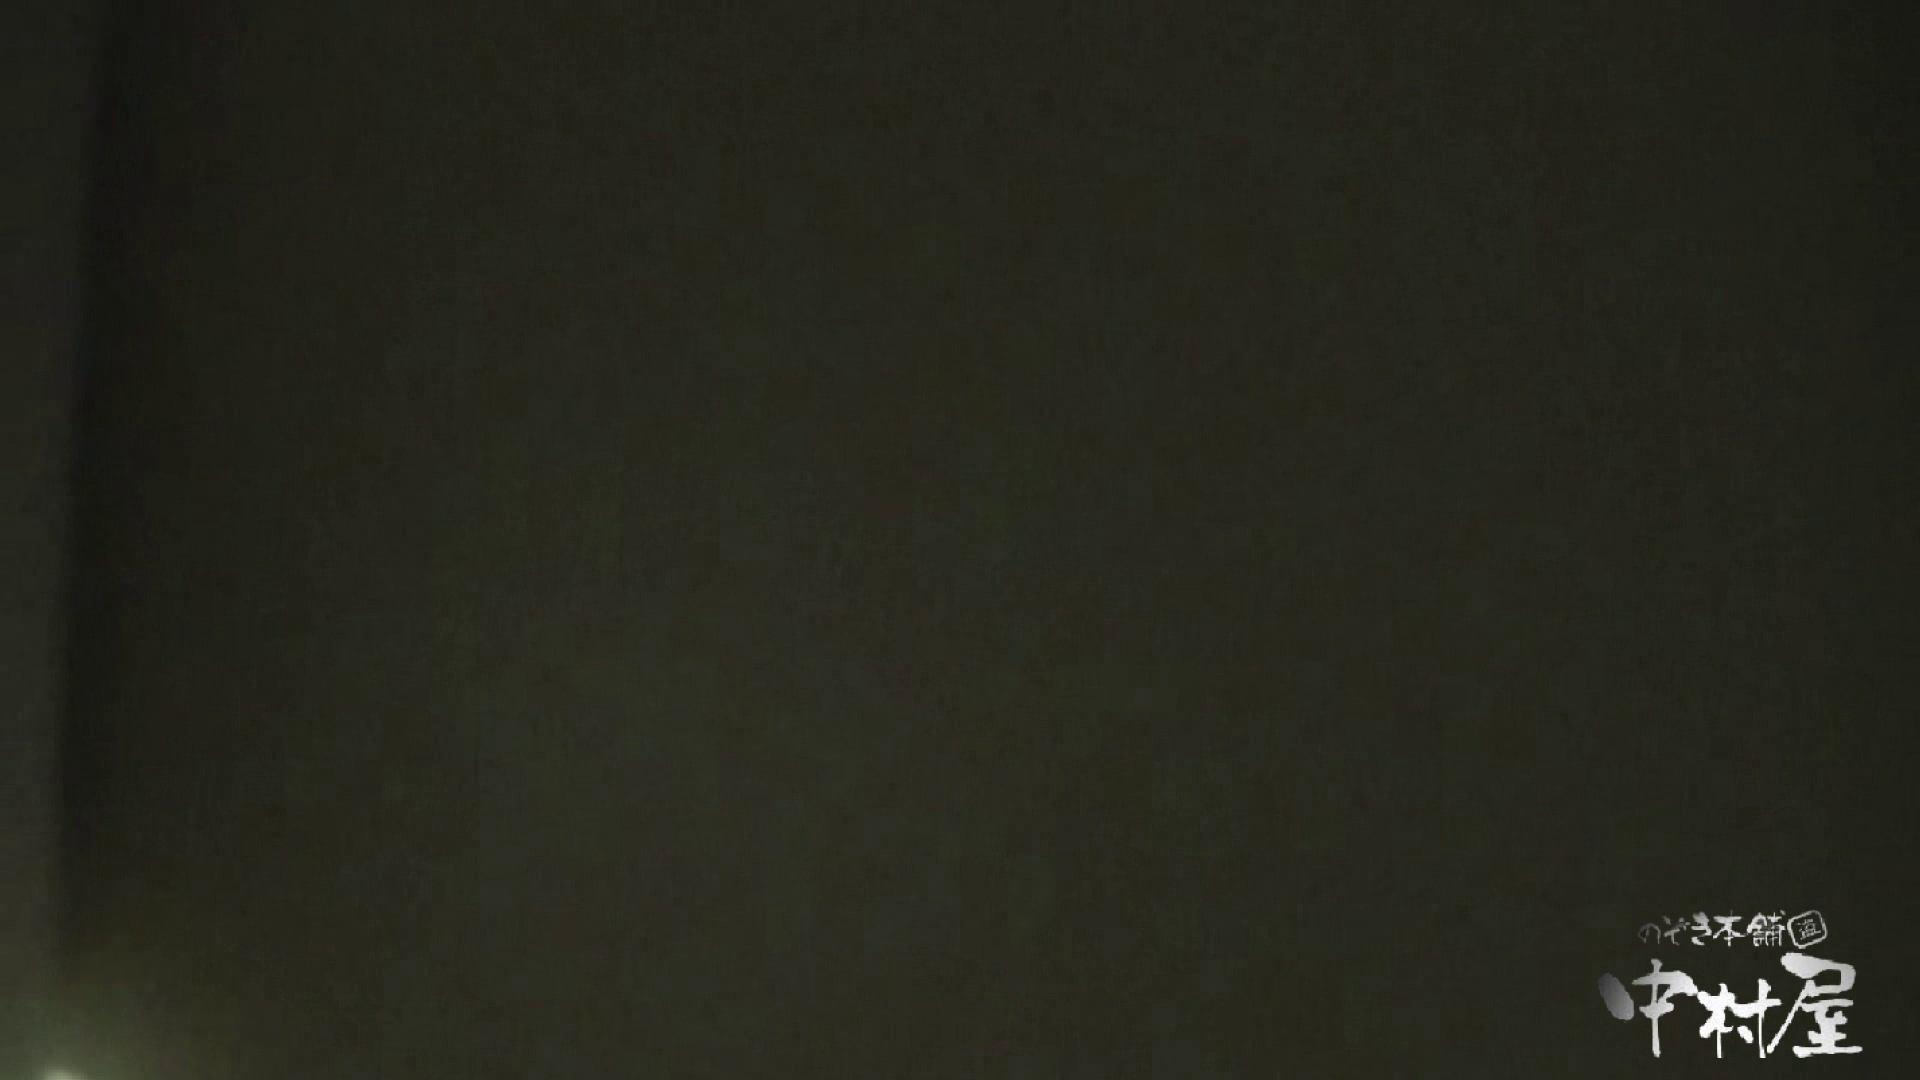 始動します‼雅さんの独断と偏見で集めたVIP限定 動画集Vol.2 期間限定 | 0  90PIX 63